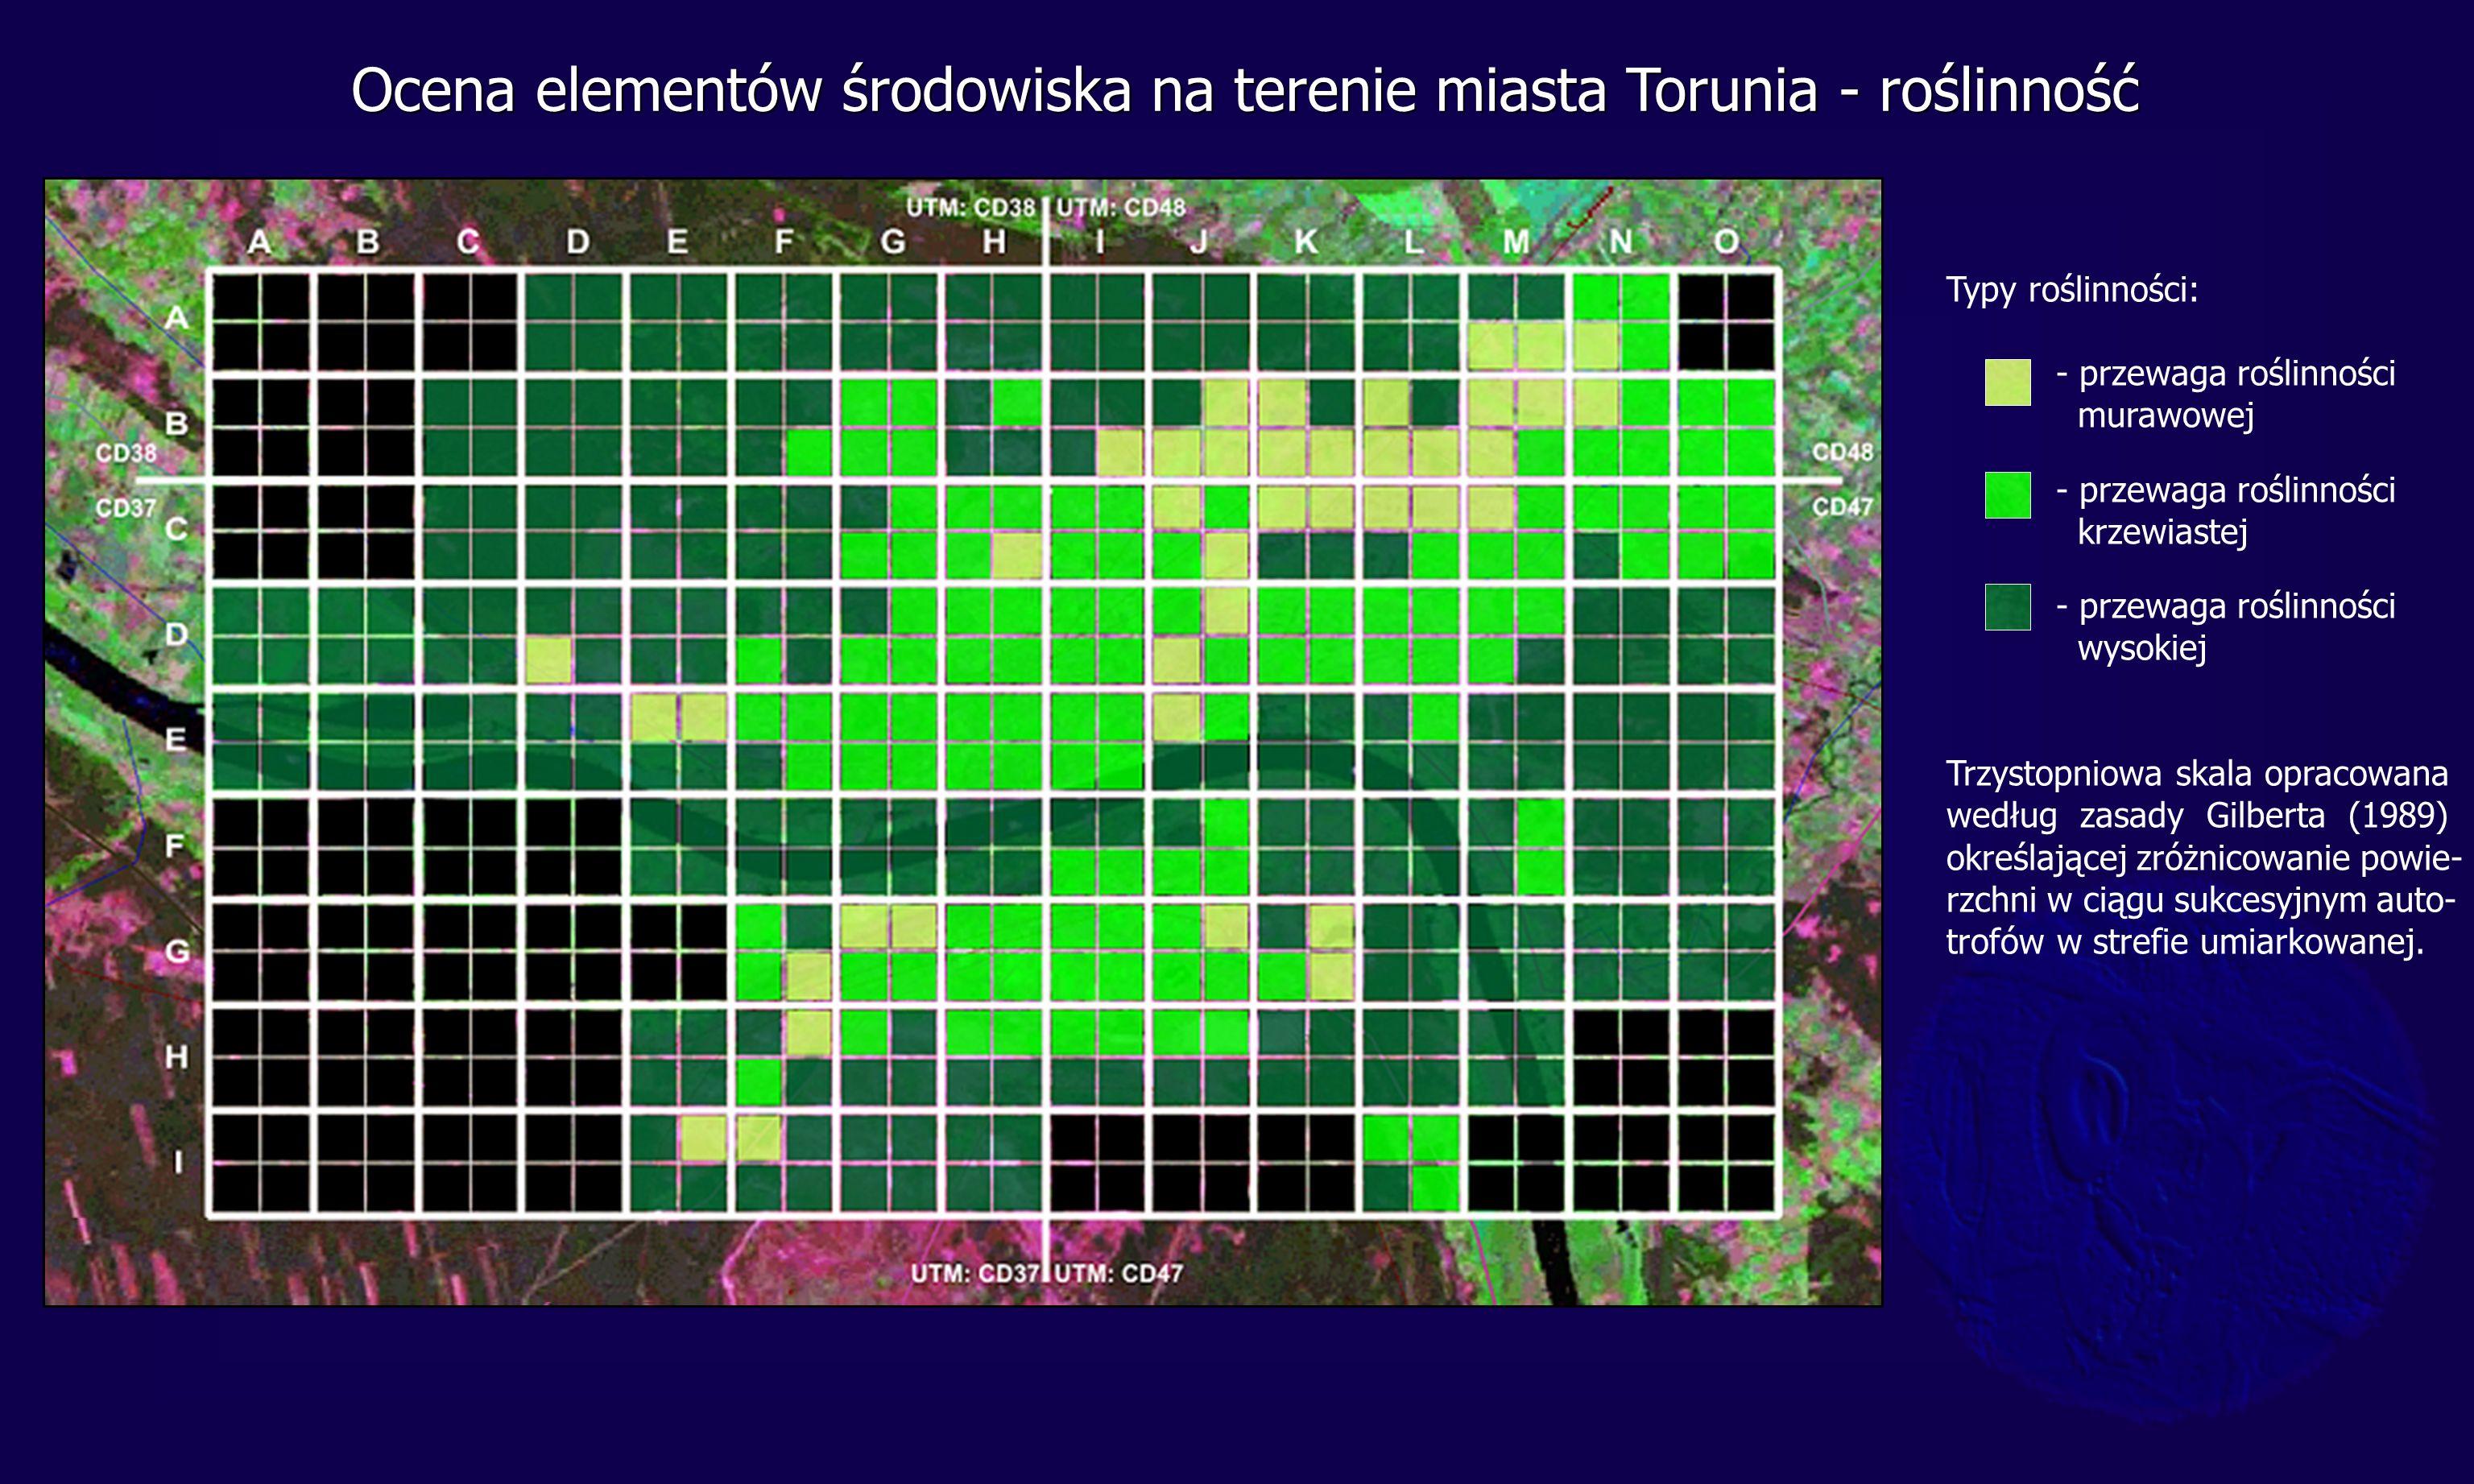 Typy roślinności: - przewaga roślinności murawowej - przewaga roślinności krzewiastej - przewaga roślinności wysokiej Trzystopniowa skala opracowana według zasady Gilberta (1989) określającej zróżnicowanie powie- rzchni w ciągu sukcesyjnym auto- trofów w strefie umiarkowanej.